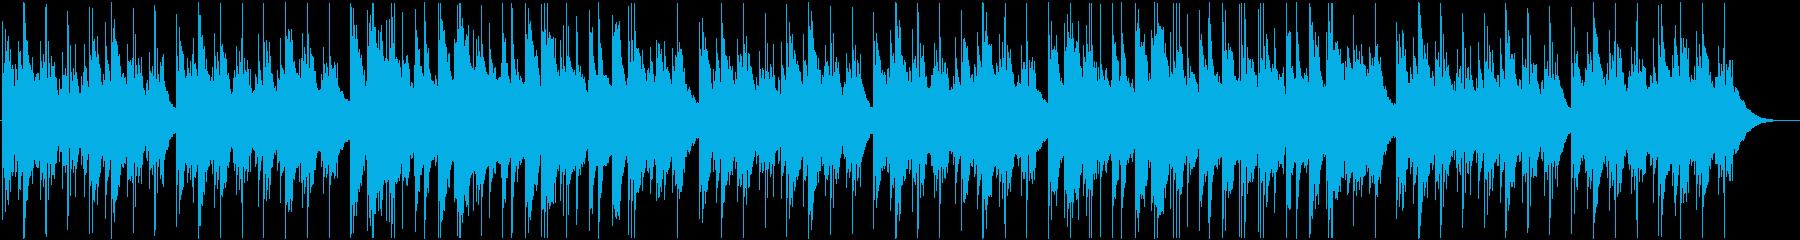 綺麗で静かなアコースティックギター曲 aの再生済みの波形